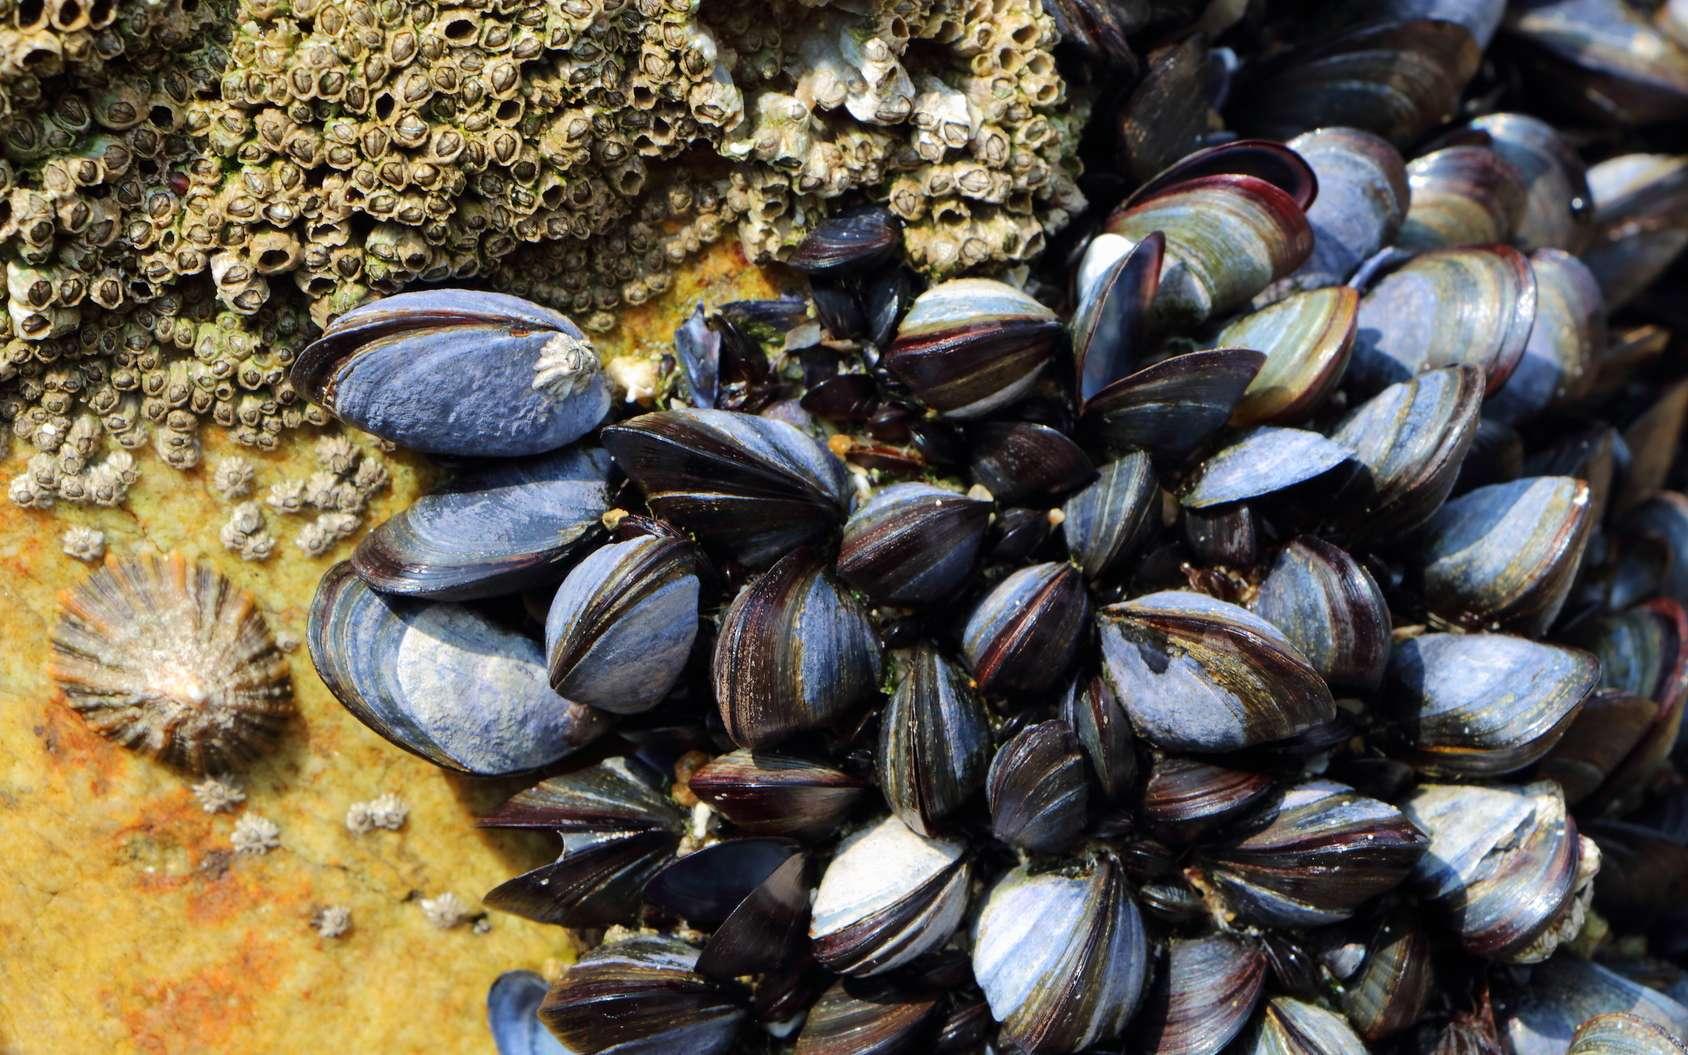 Les moules aideraient à lutter contre la pollution. © Oceane2508, Fotolia